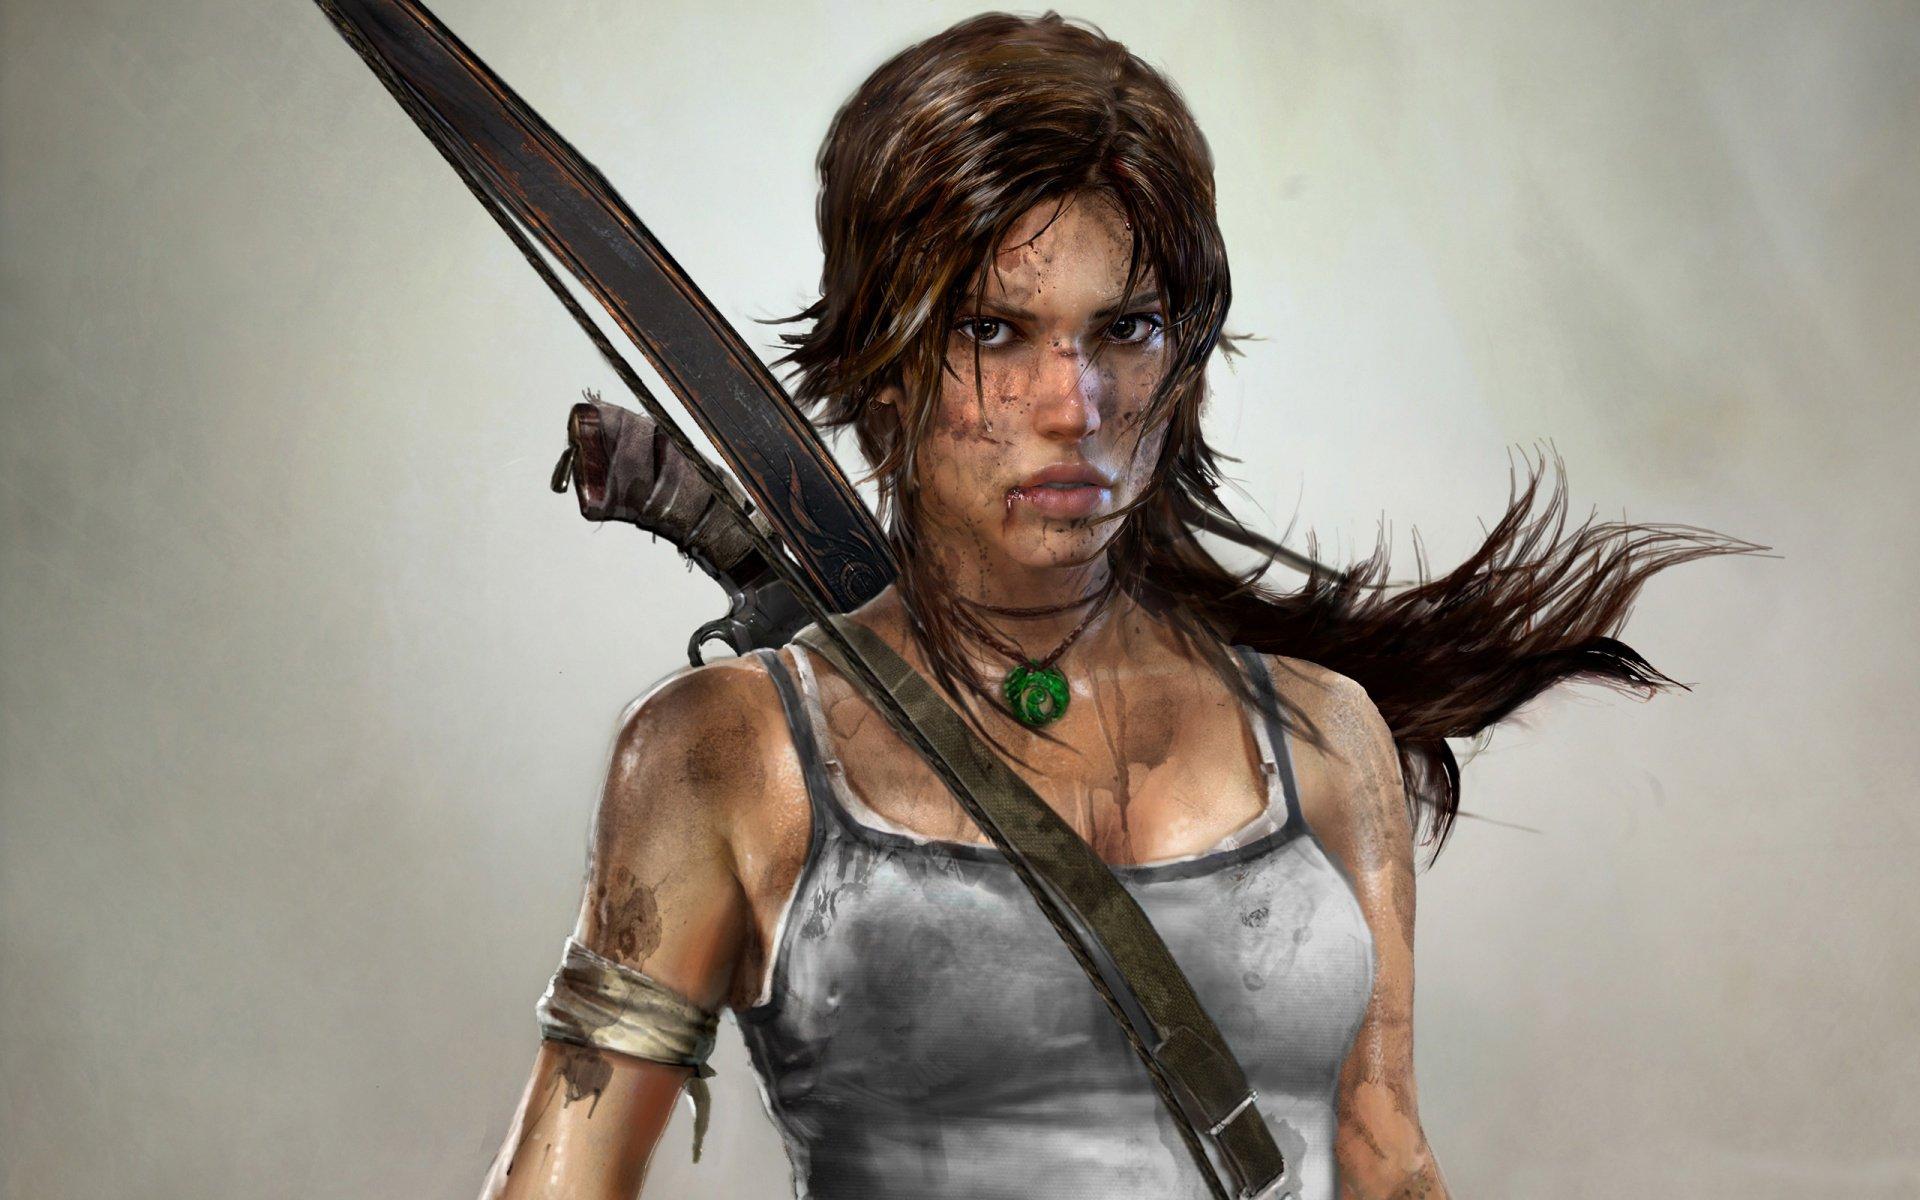 Перезапуск Tomb Raider провалился в финансовом плане.  Перезапуск серии Tomb Raider прошел вполне успешно. Всего за  ... - Изображение 1